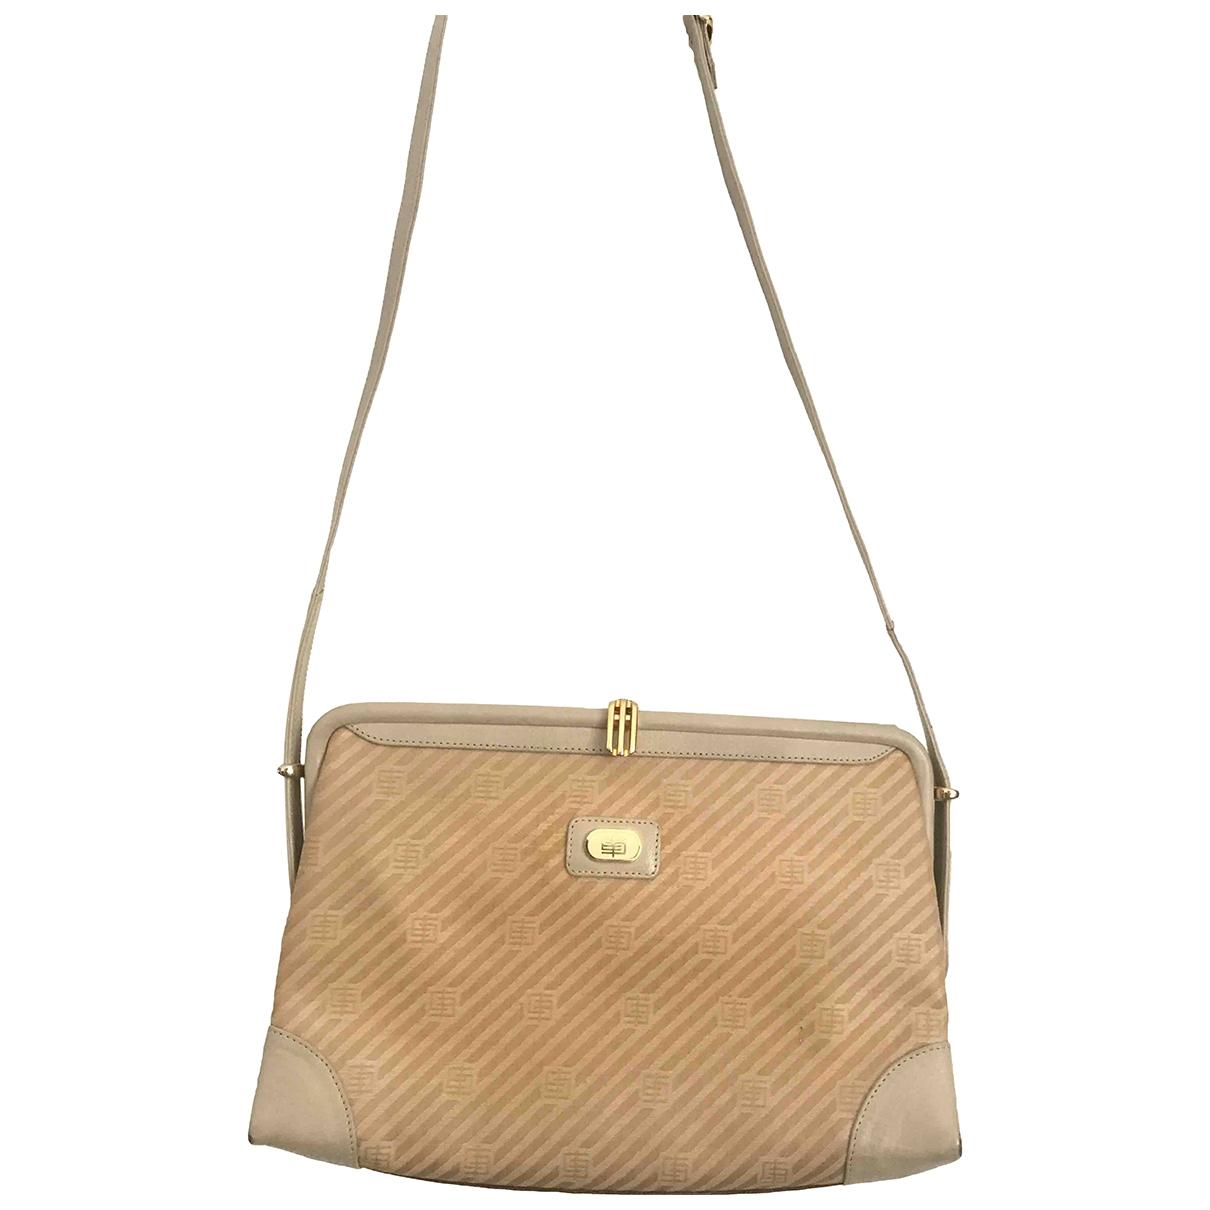 Emilio Pucci \N Beige Leather handbag for Women \N